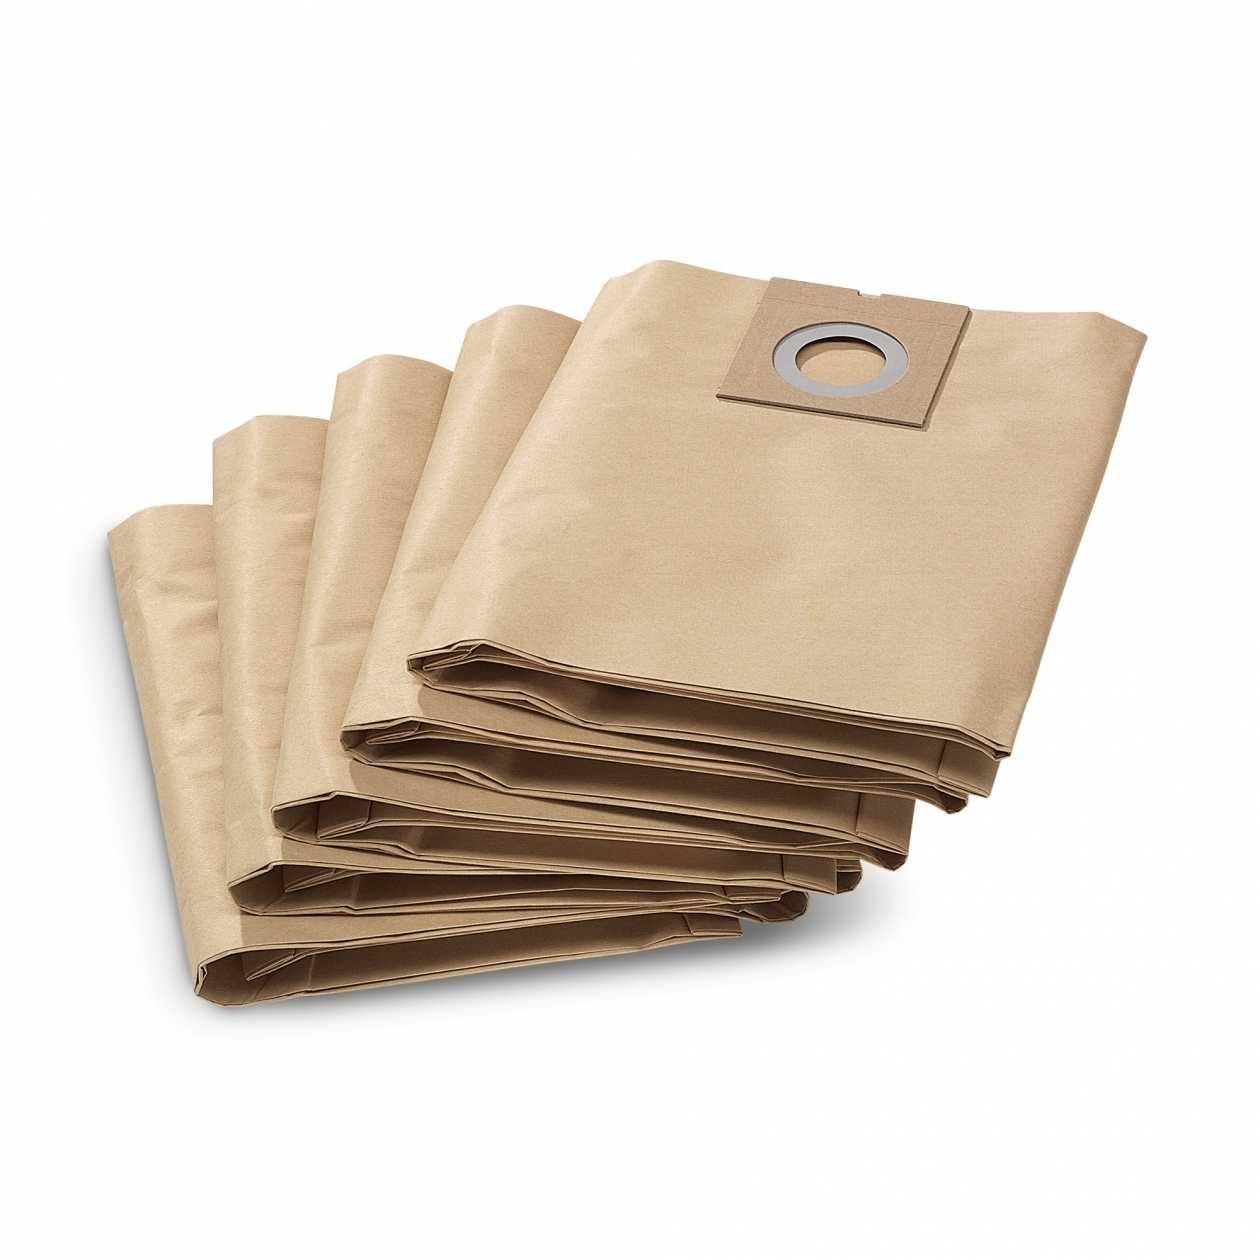 Filtre Papier Double Pour Aspirateur Karcher Nt27/1 Sacs Papier